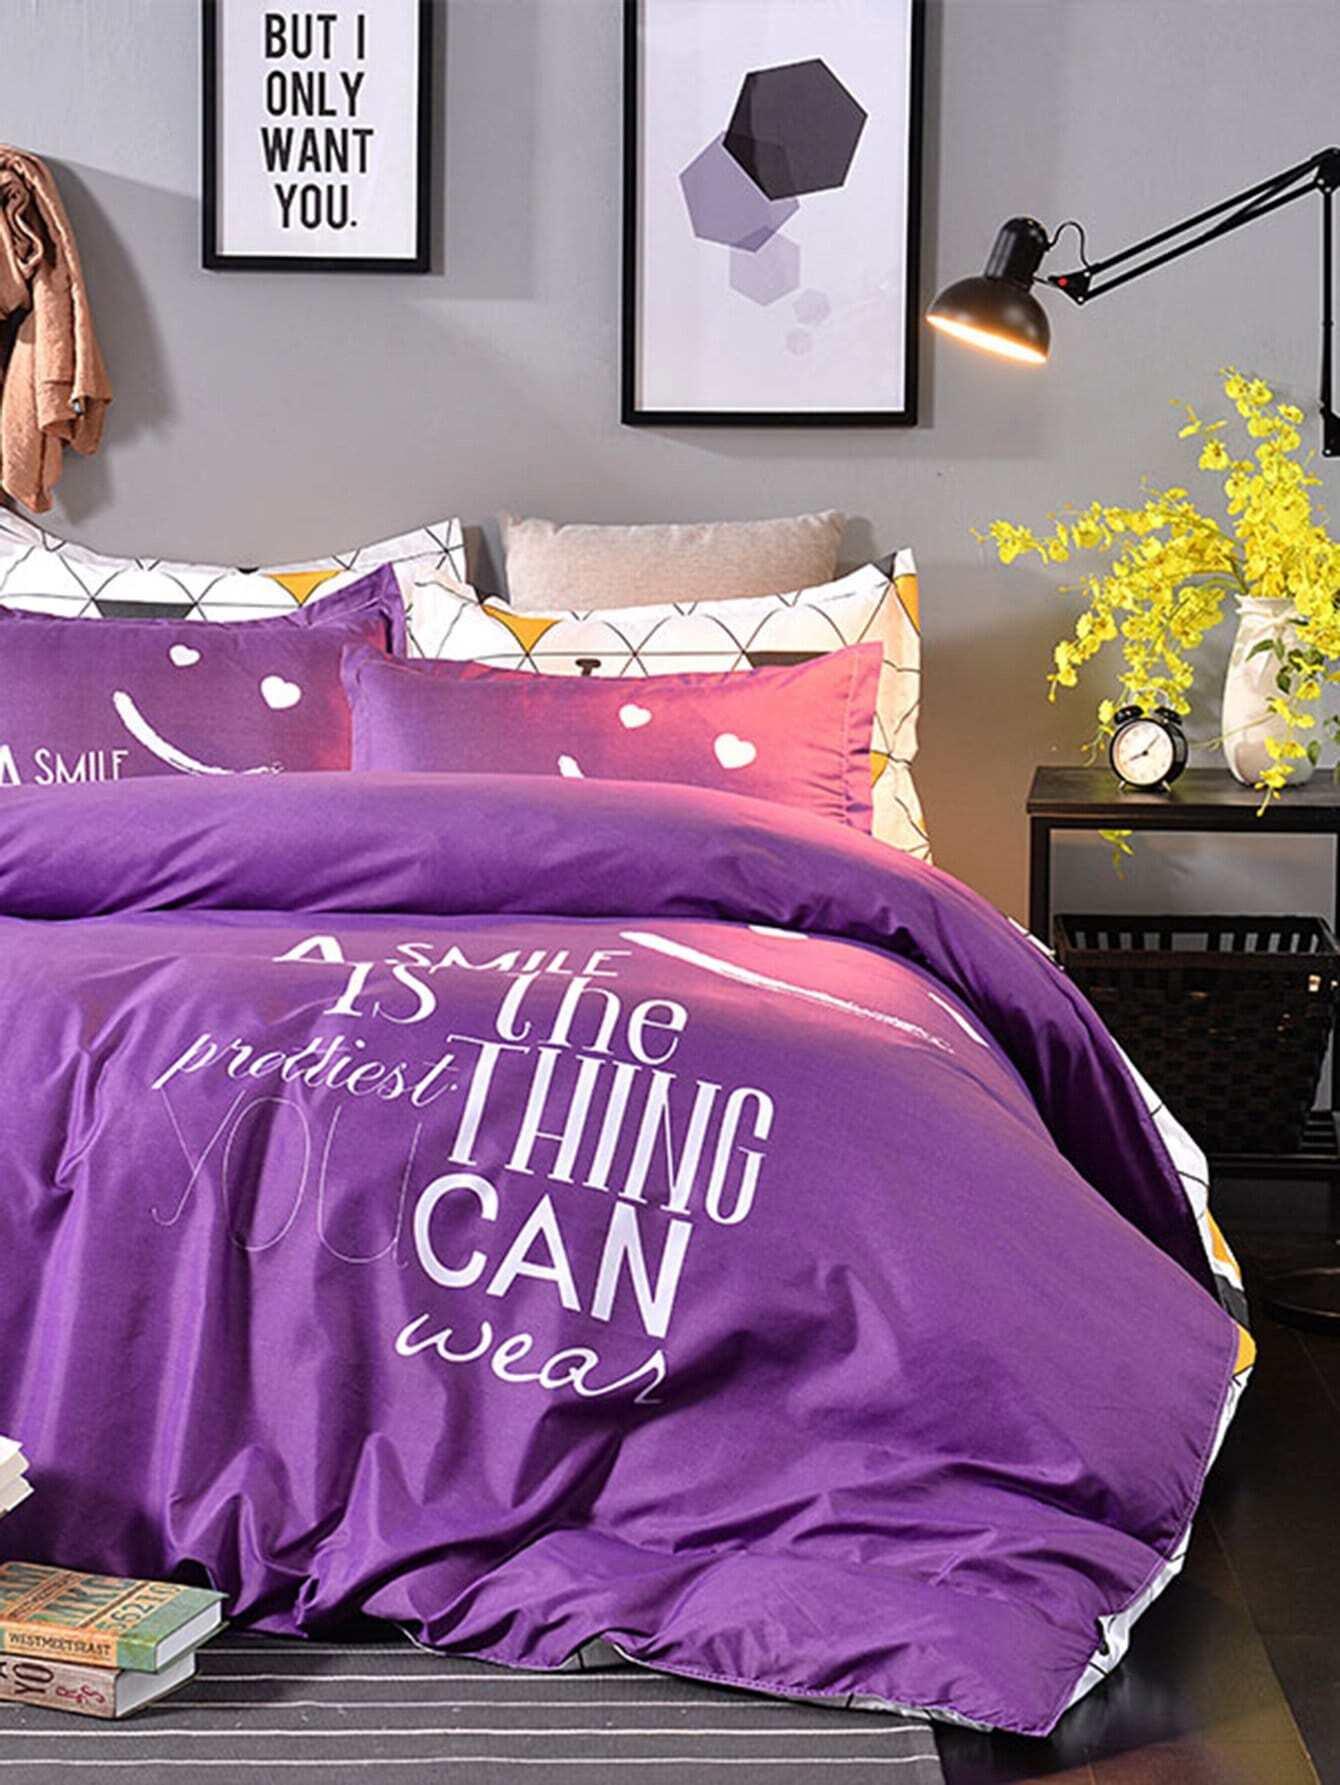 Комплект для кровати с принтом геометрия со слоганом